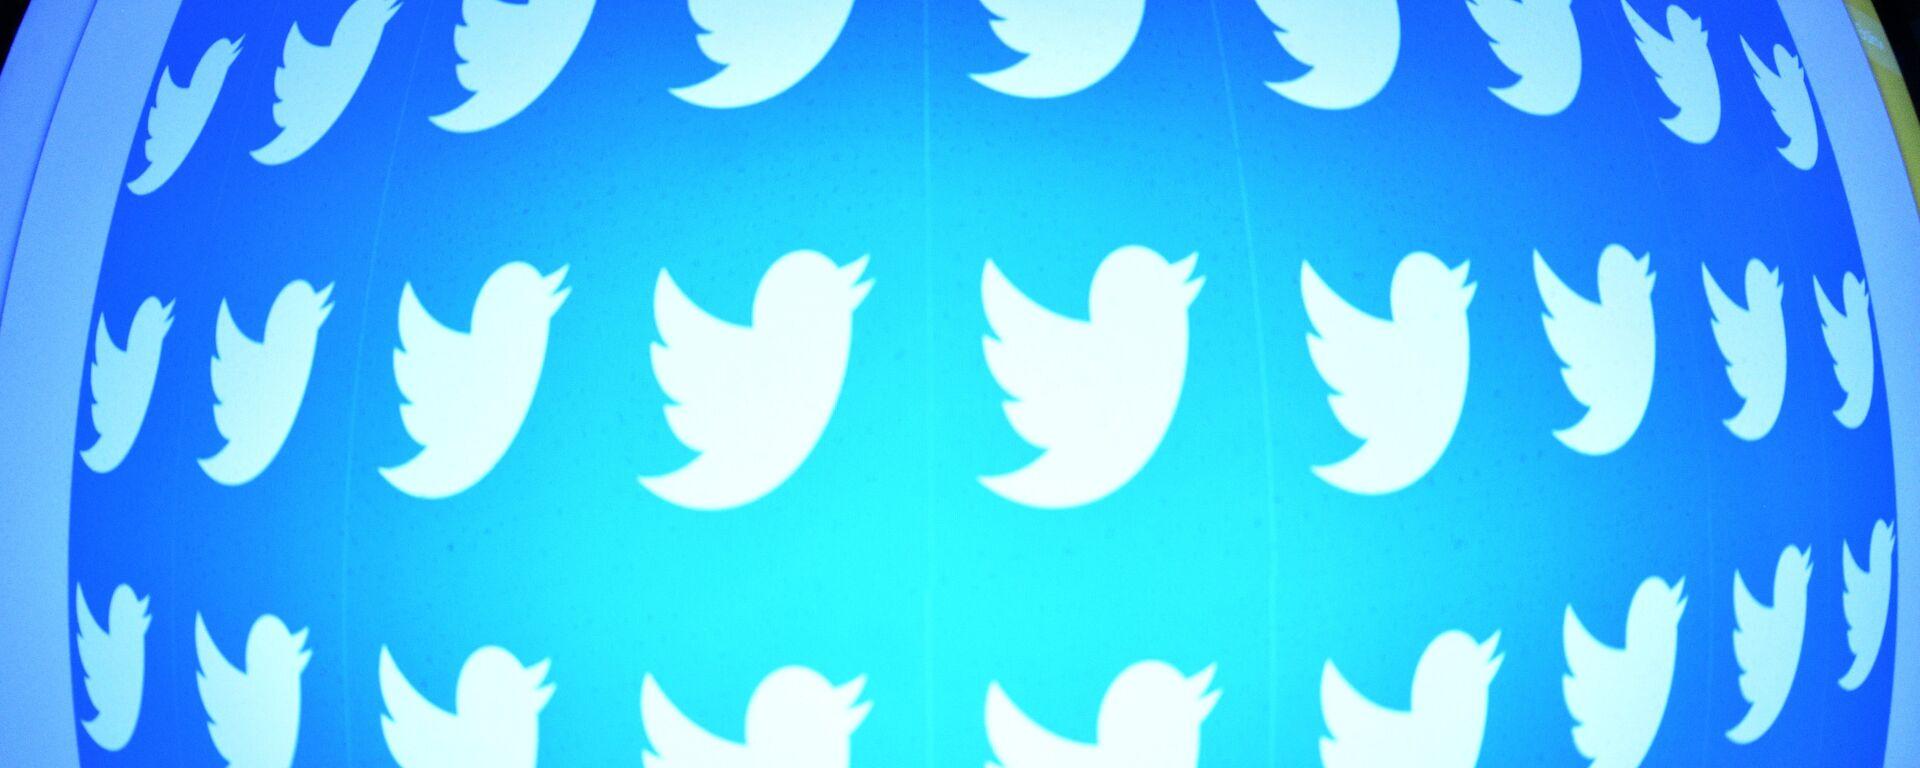 Социальная сеть Twitter - Sputnik Mundo, 1920, 01.03.2021